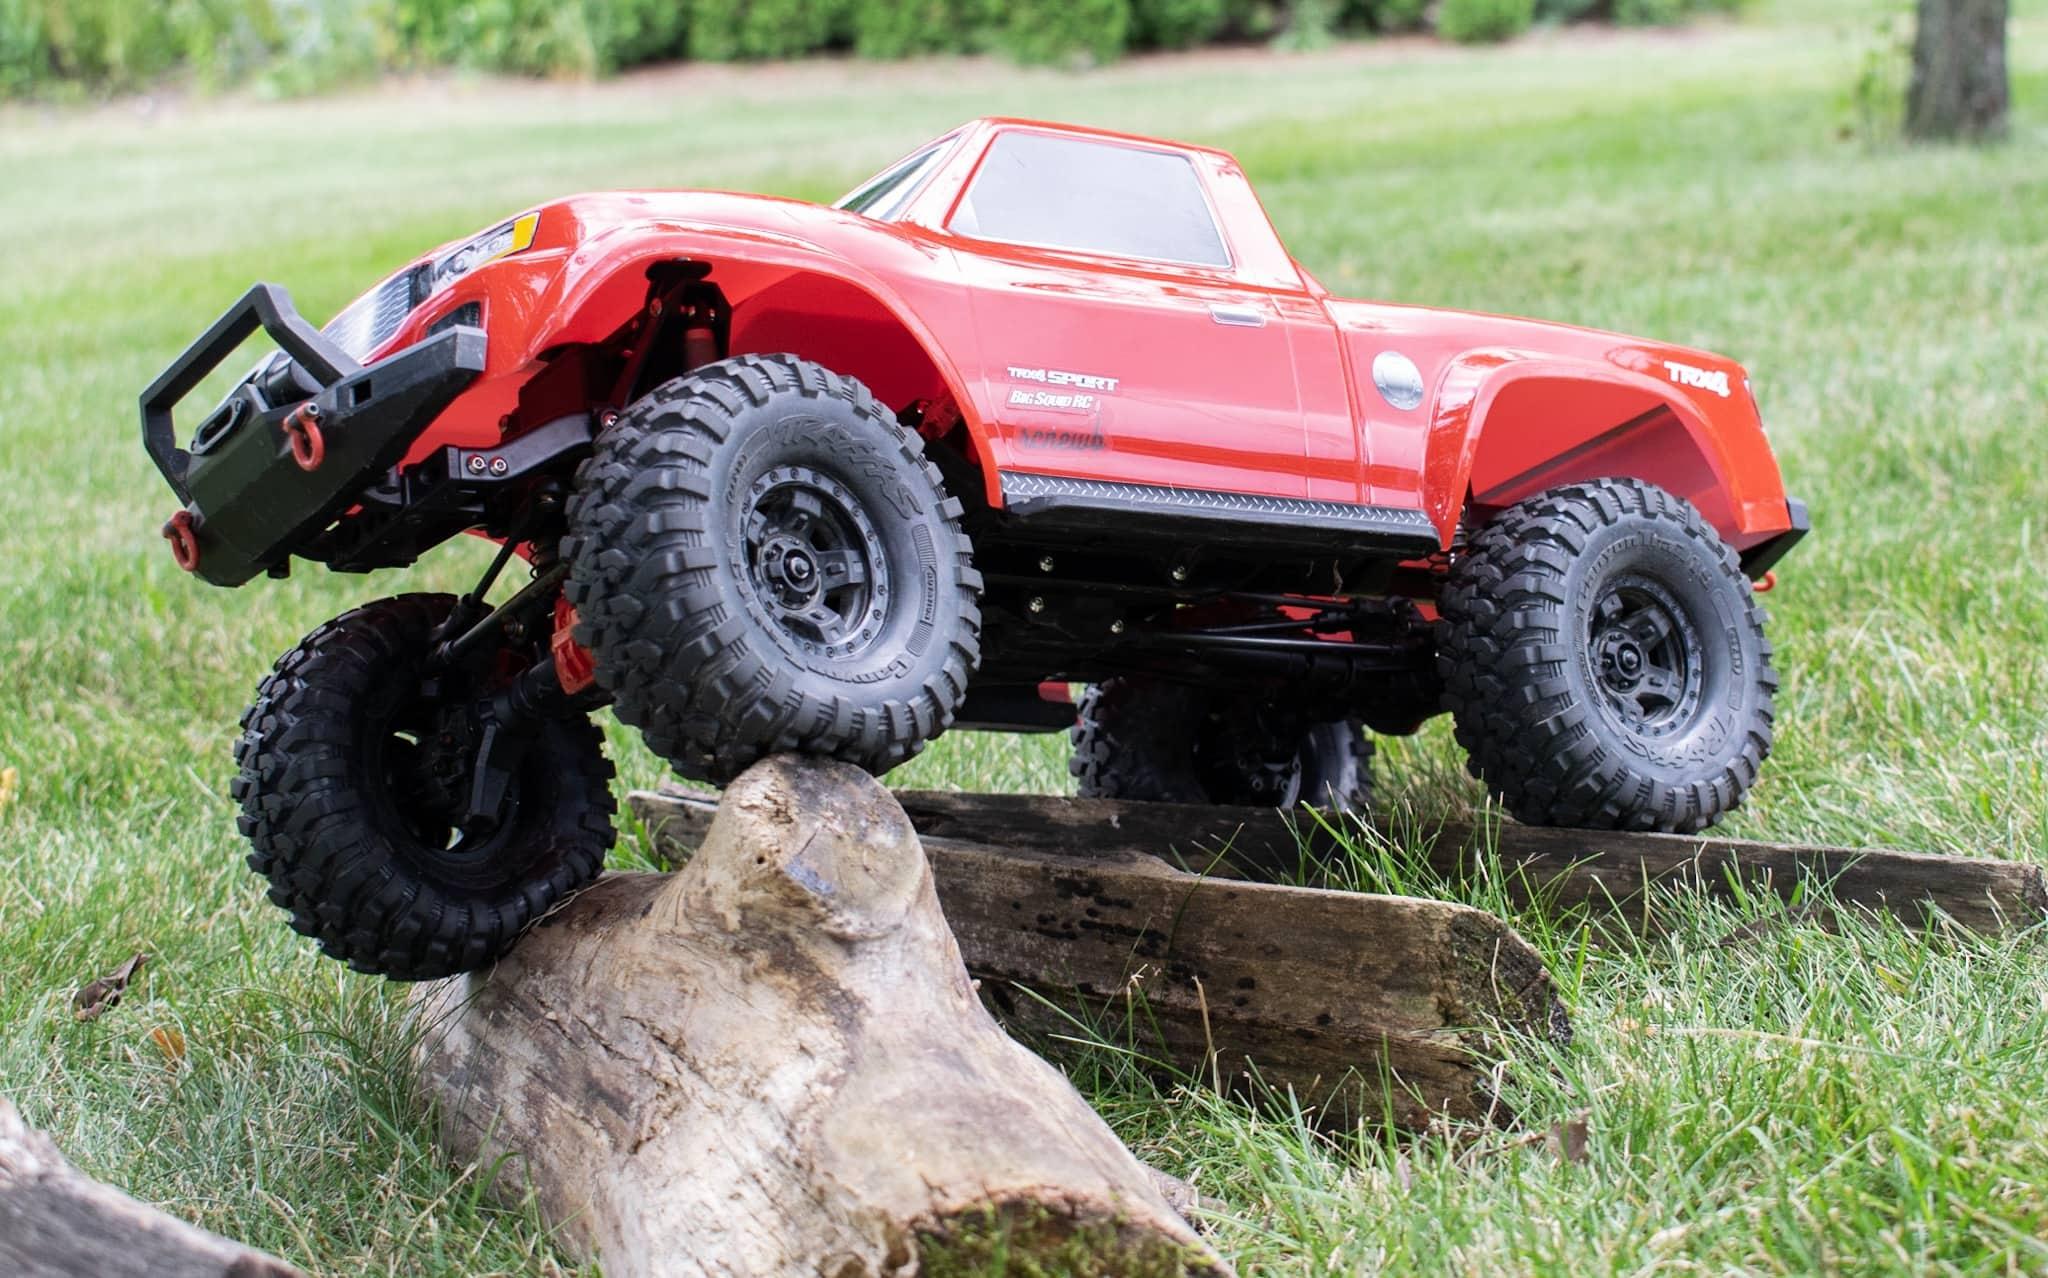 Traxxas TRX-4 Sport - Log Crawl